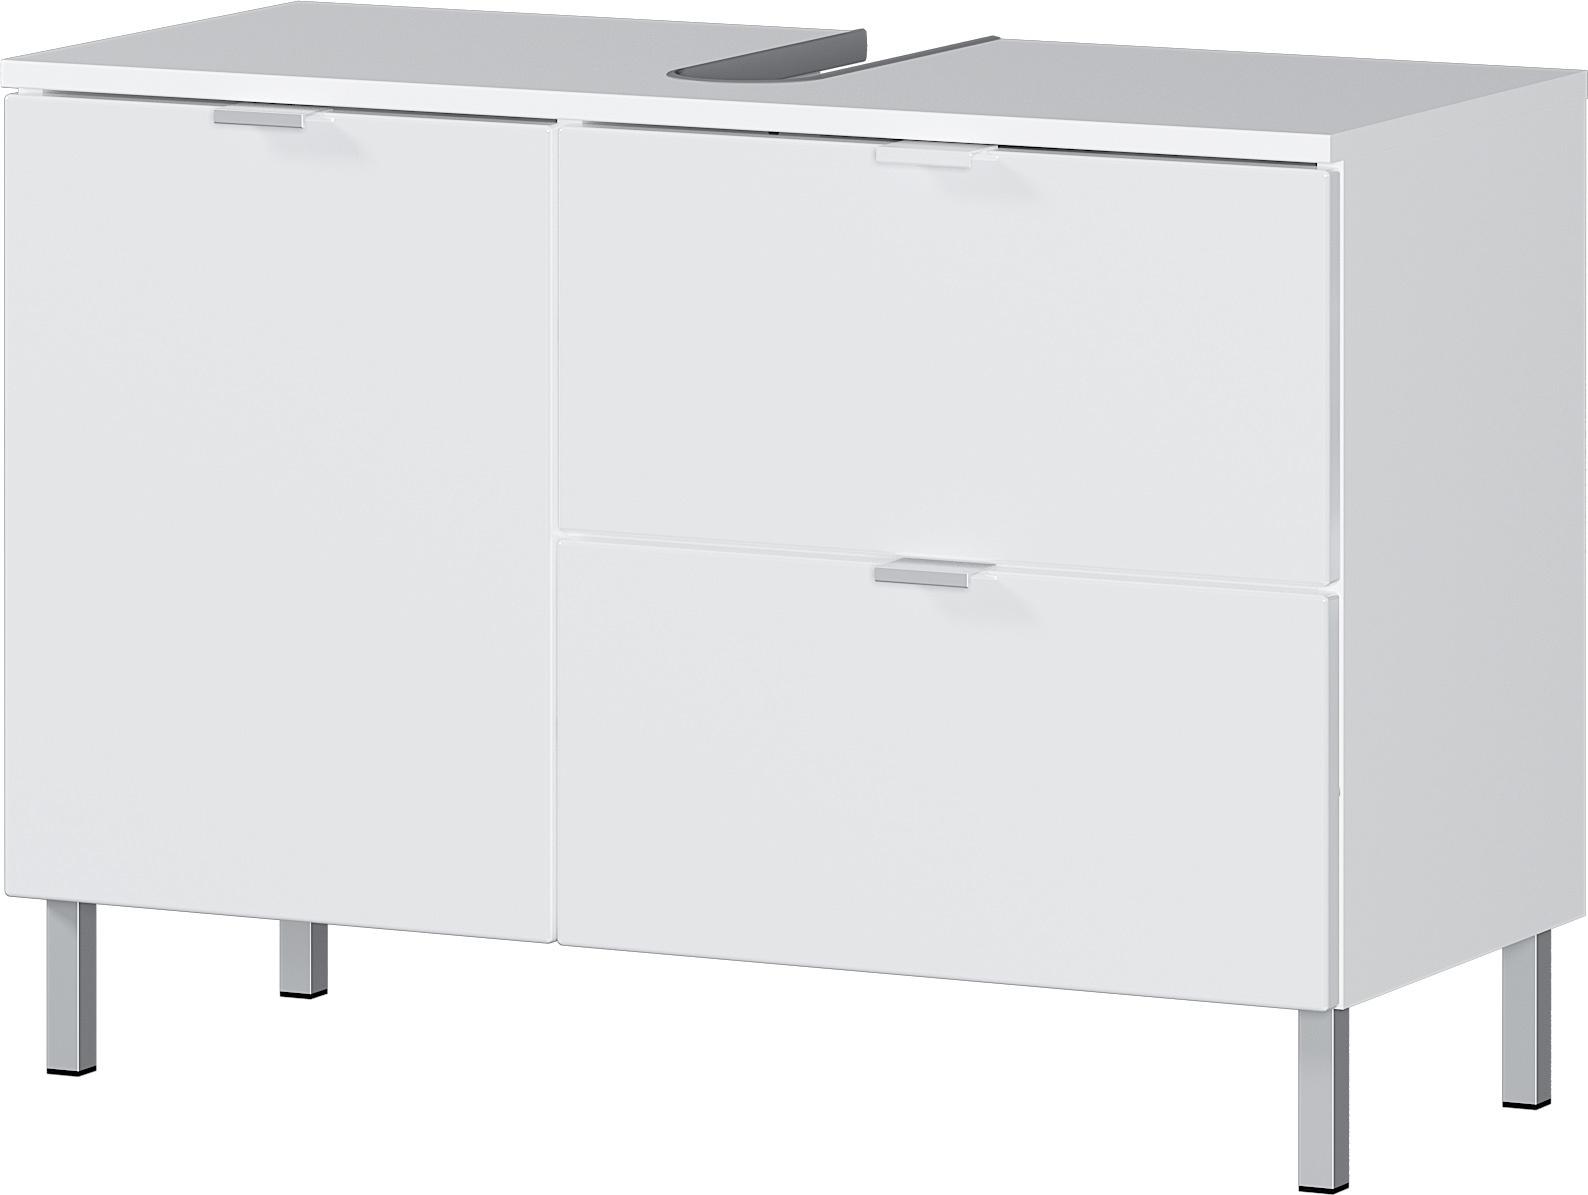 Wastafelonderkast Bruno L 56 cm hoog in wit | Germania